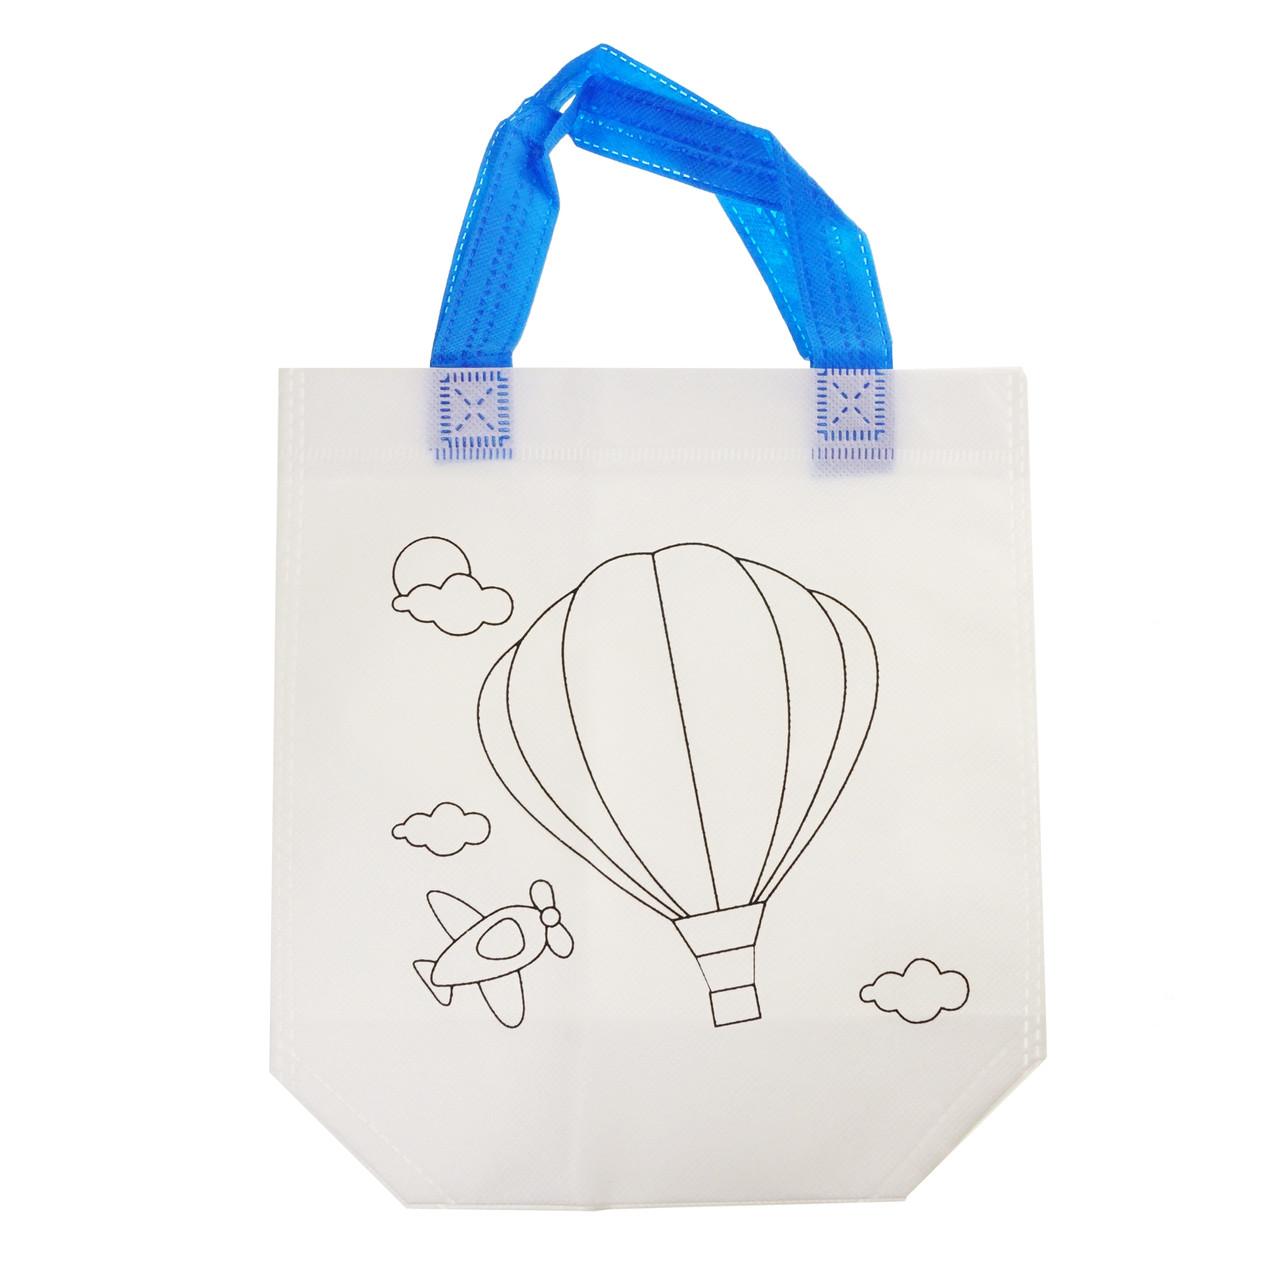 Детская сумка раскраска Воздушный шар - эко сумка набор для раскрашивания с фломастерами